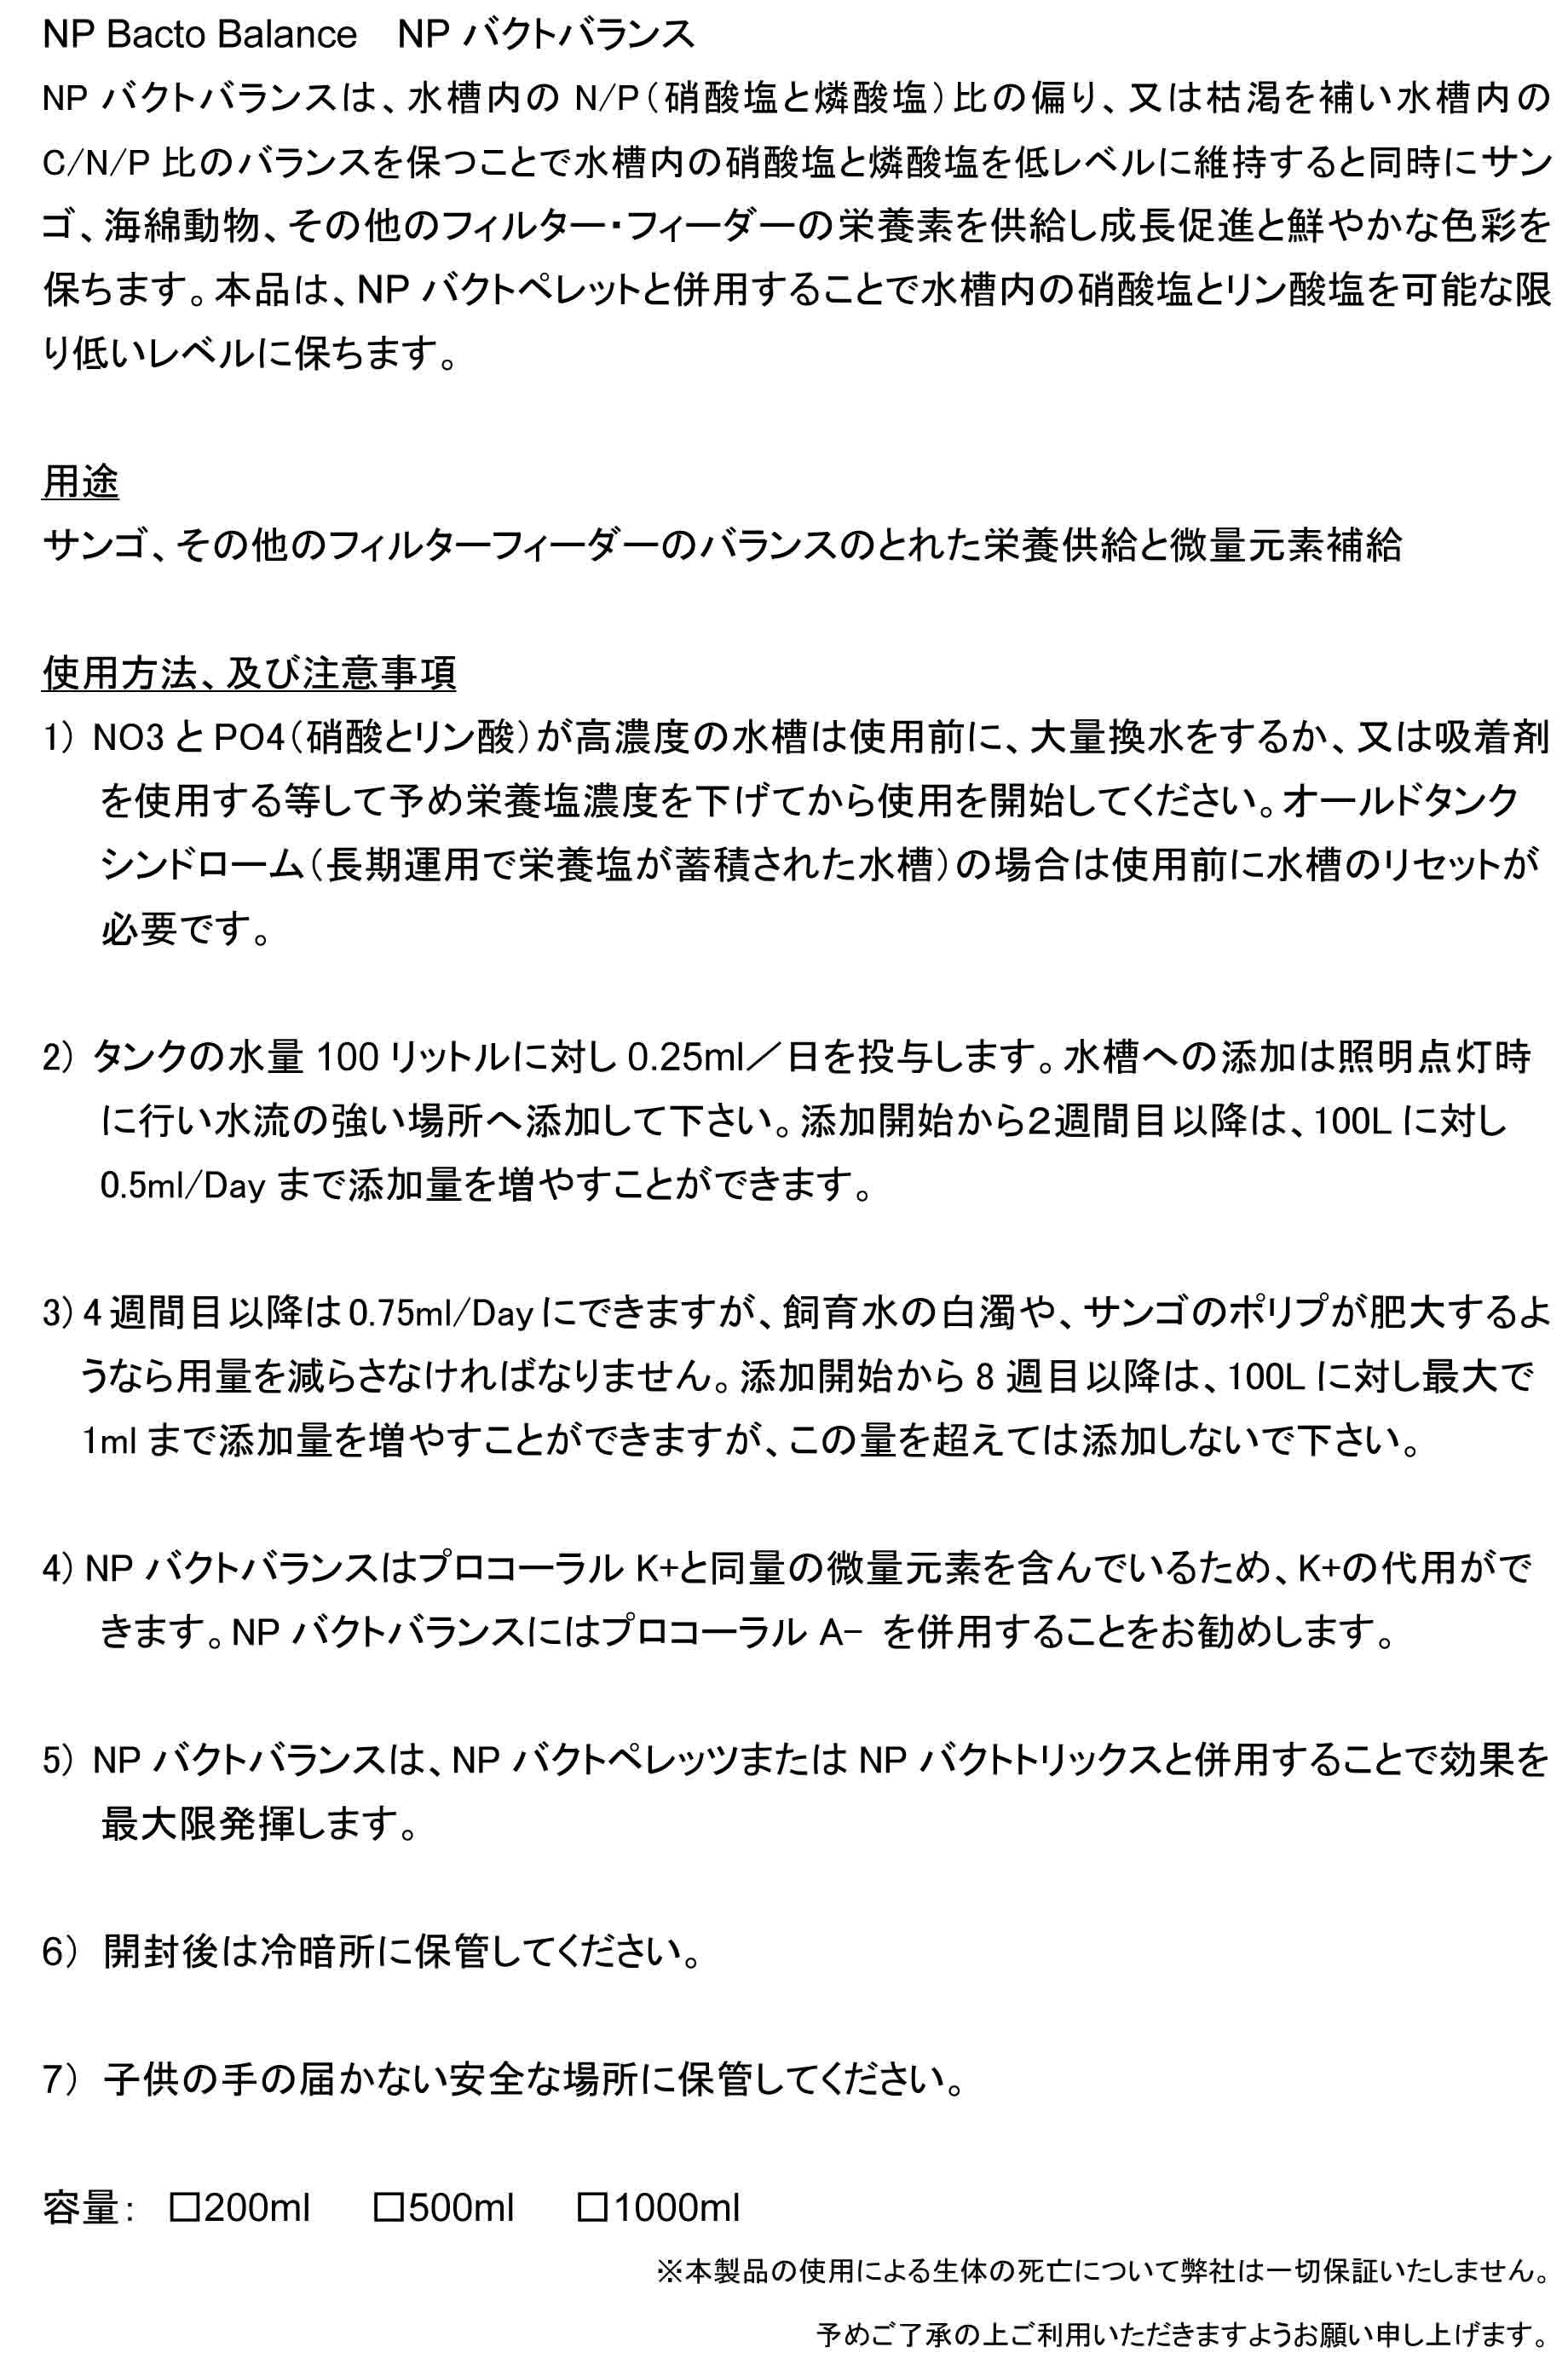 説明書-13NP Bacto Balance NP バクトバランス.jpg